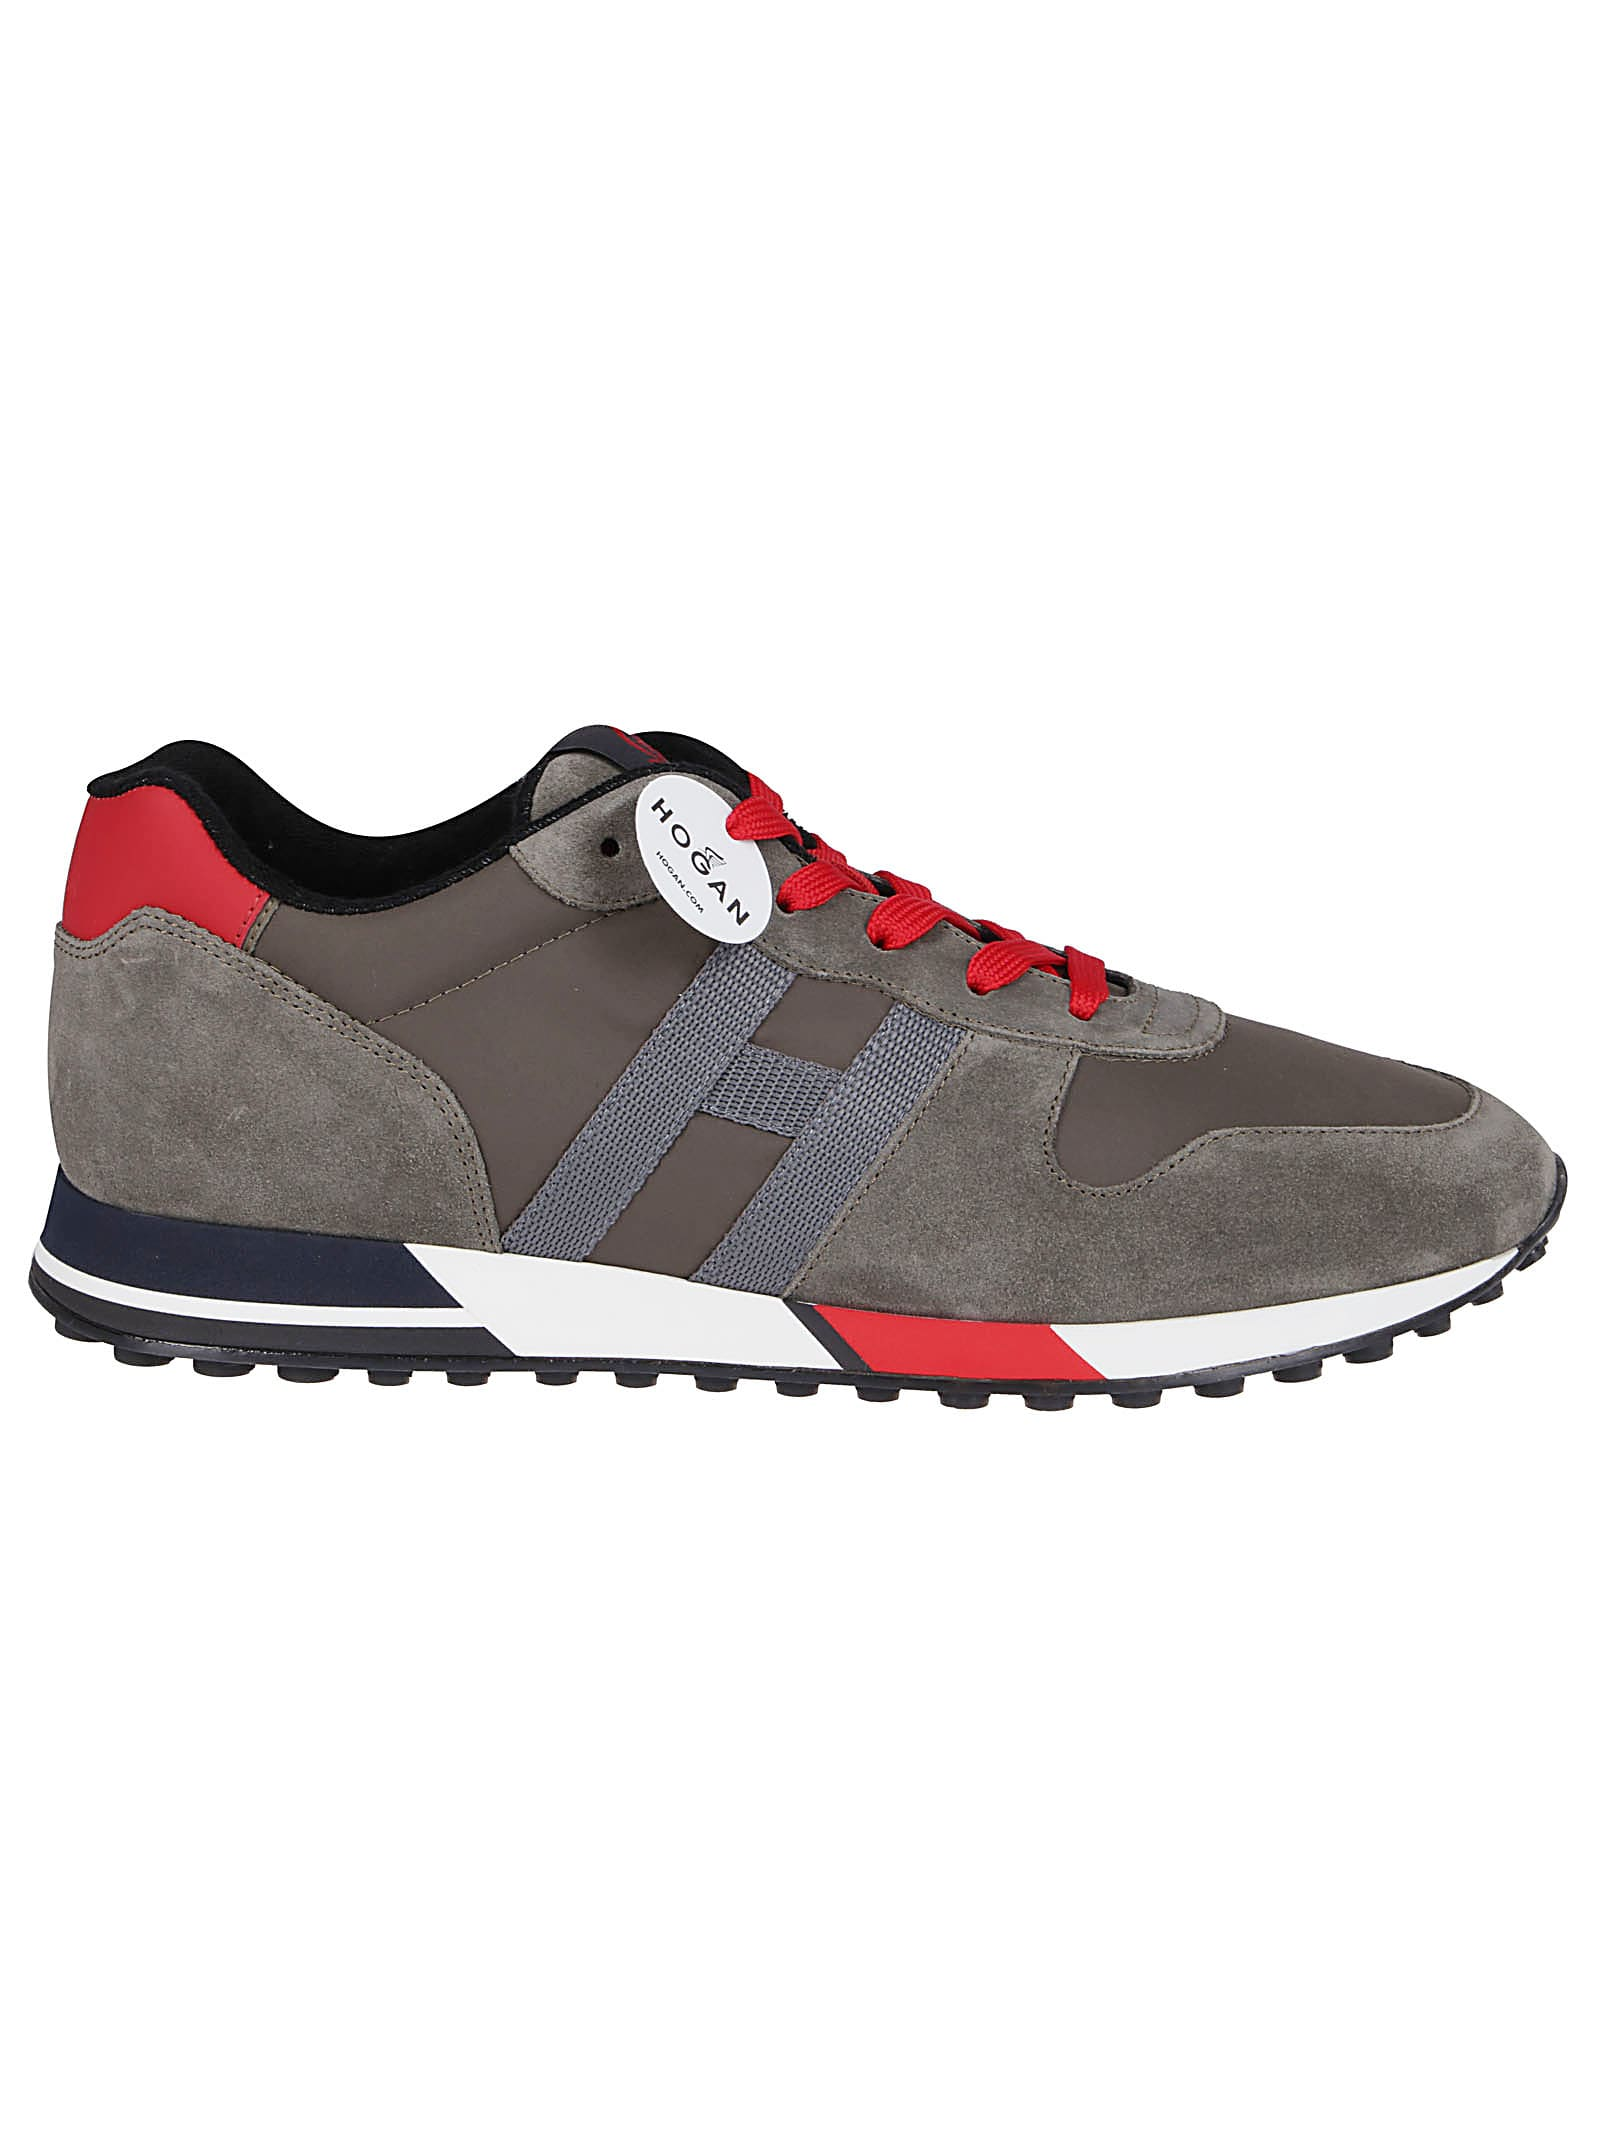 Hogan Green Suede Sneakers